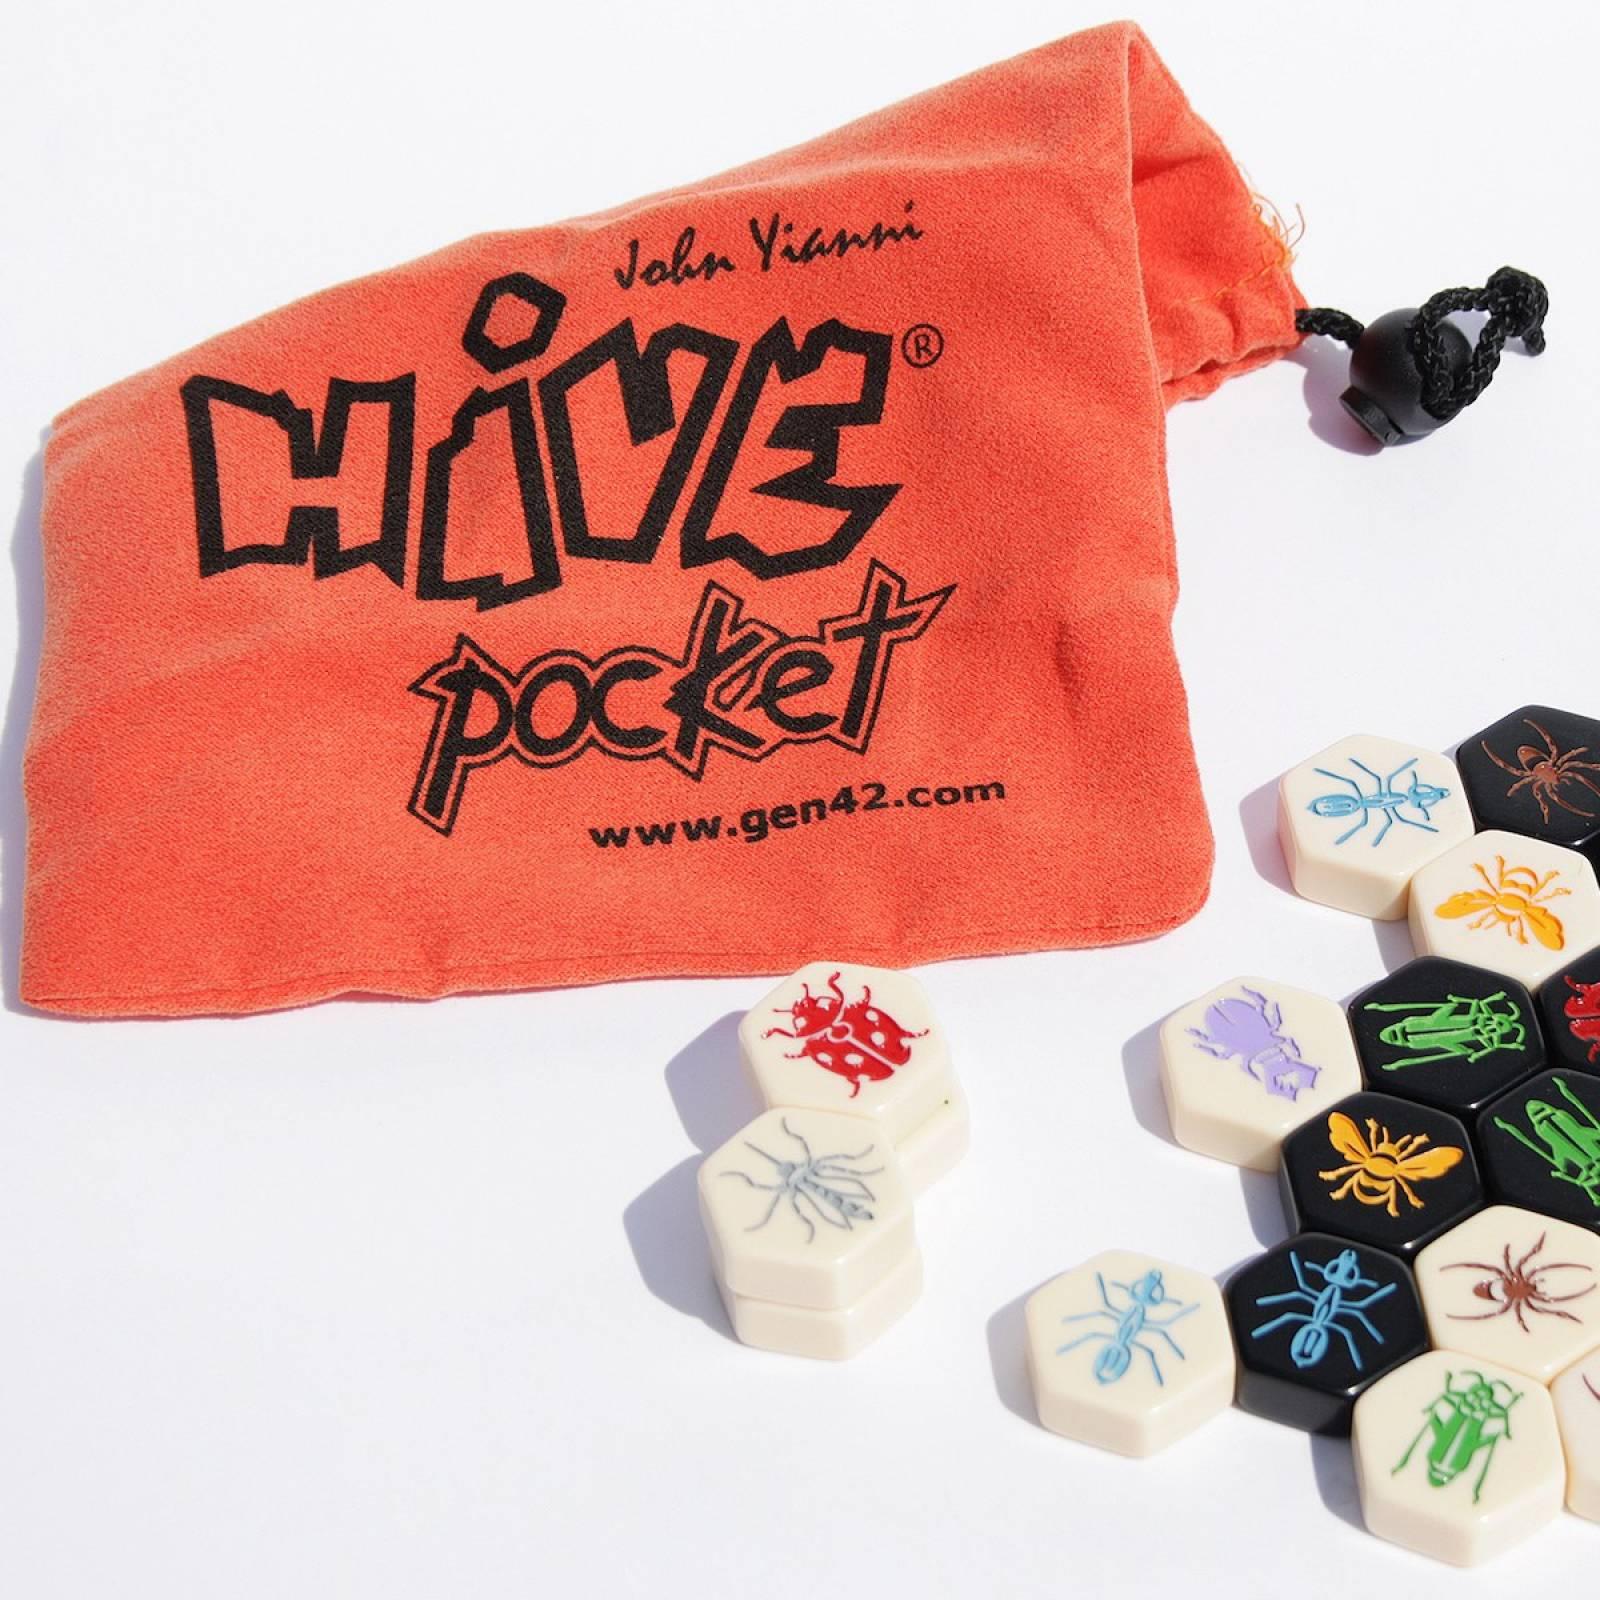 Hive Pocket Travel Game 9+ thumbnails